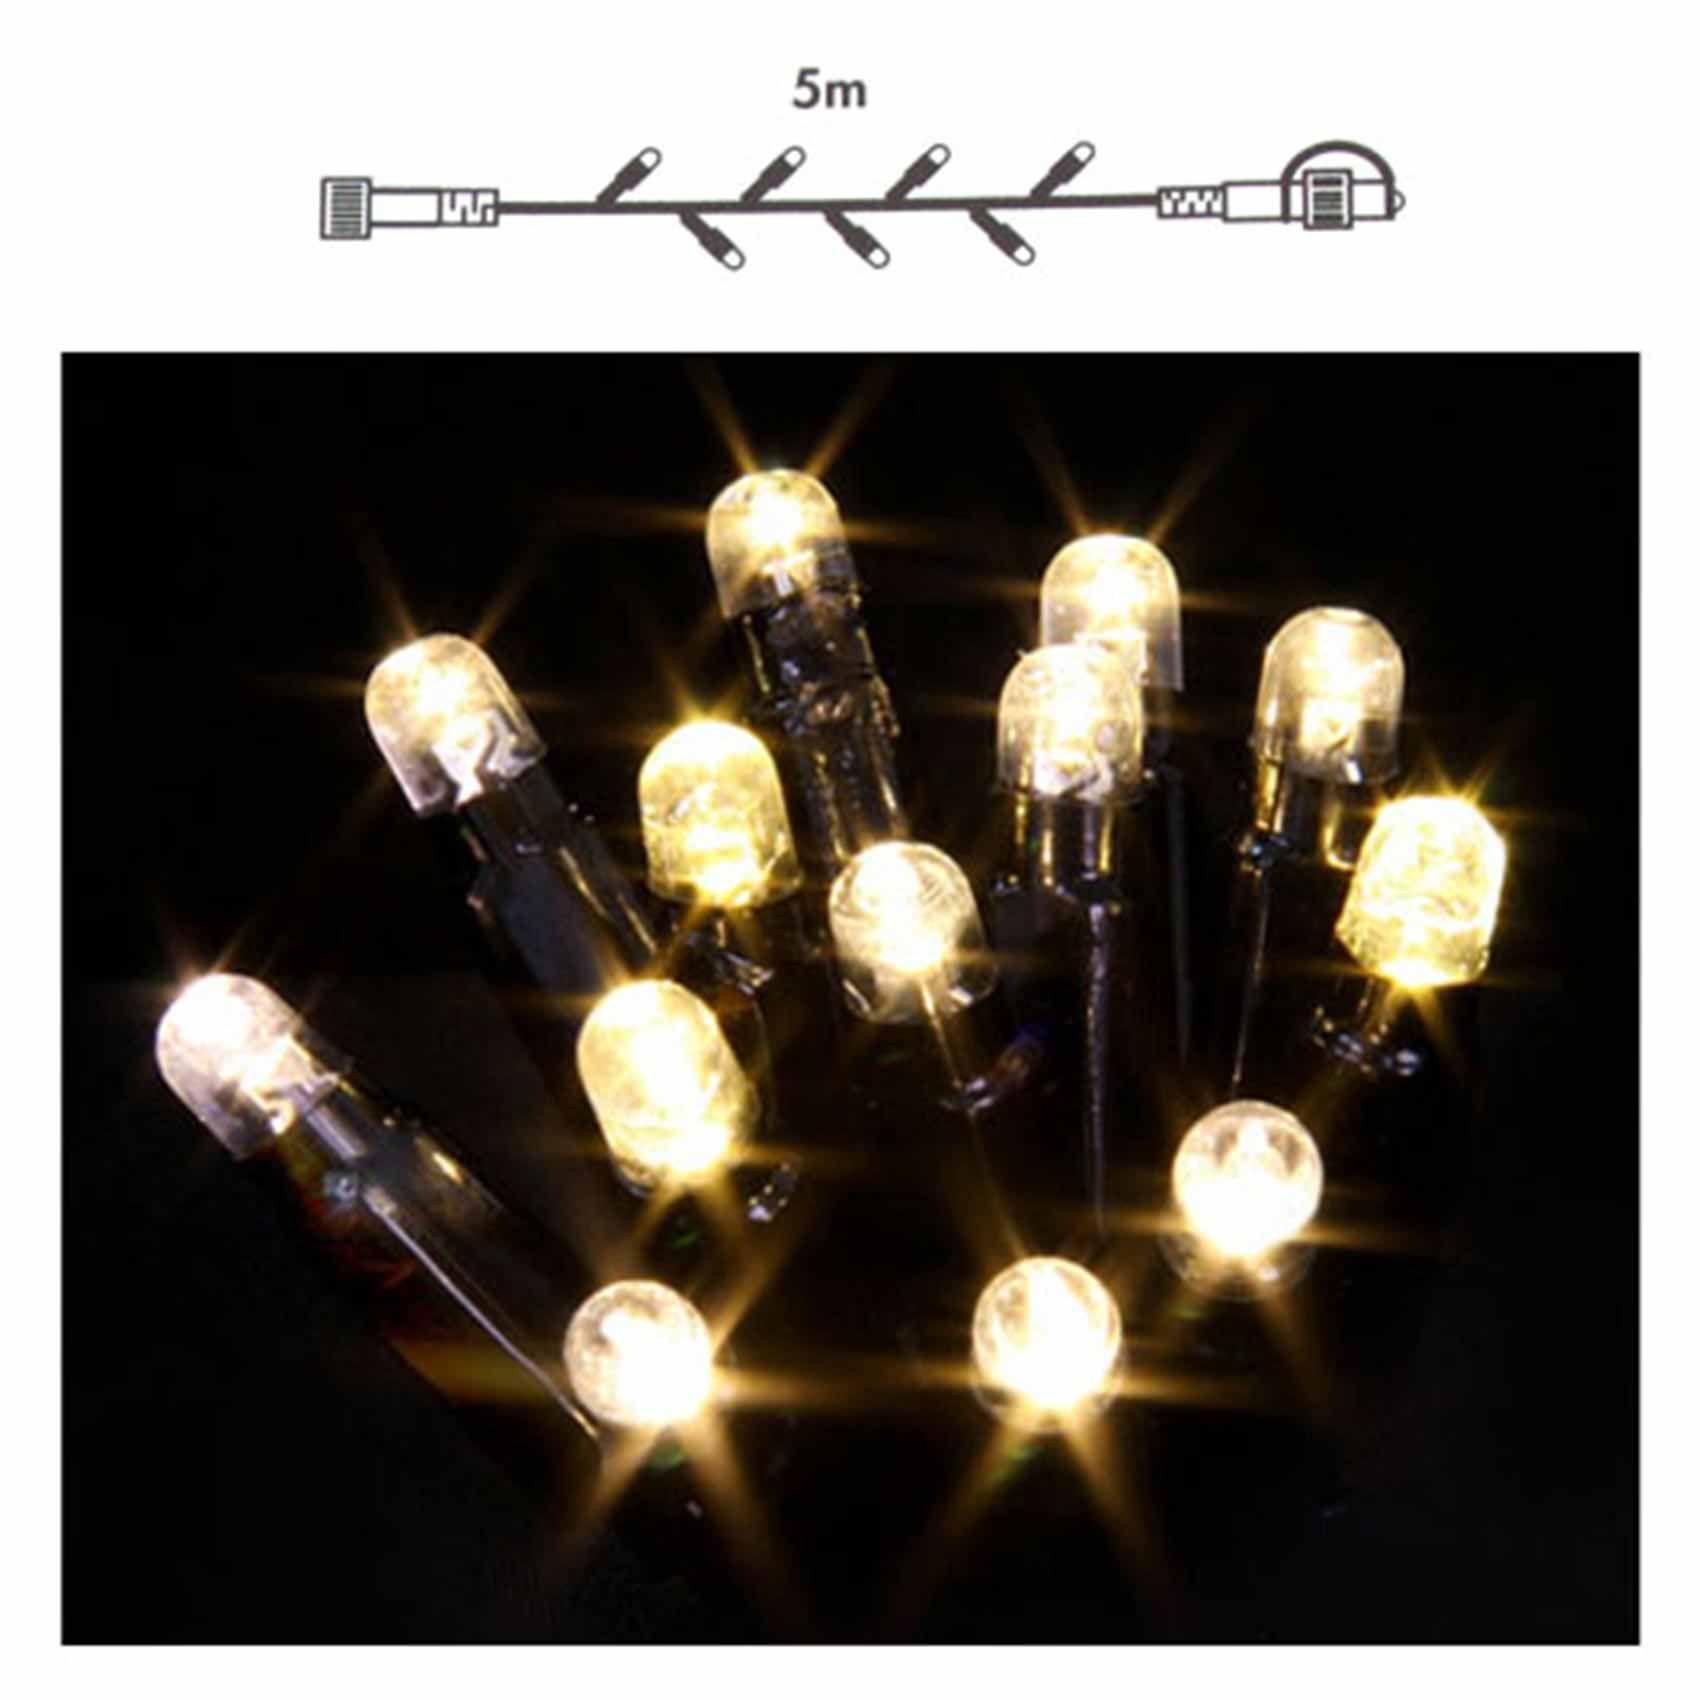 luca buitenverlichting connect 24 snoer van 5 meter warmwit 49 led flash extra snoer van 5 meter lengte met 49 warmwitte led lampjes